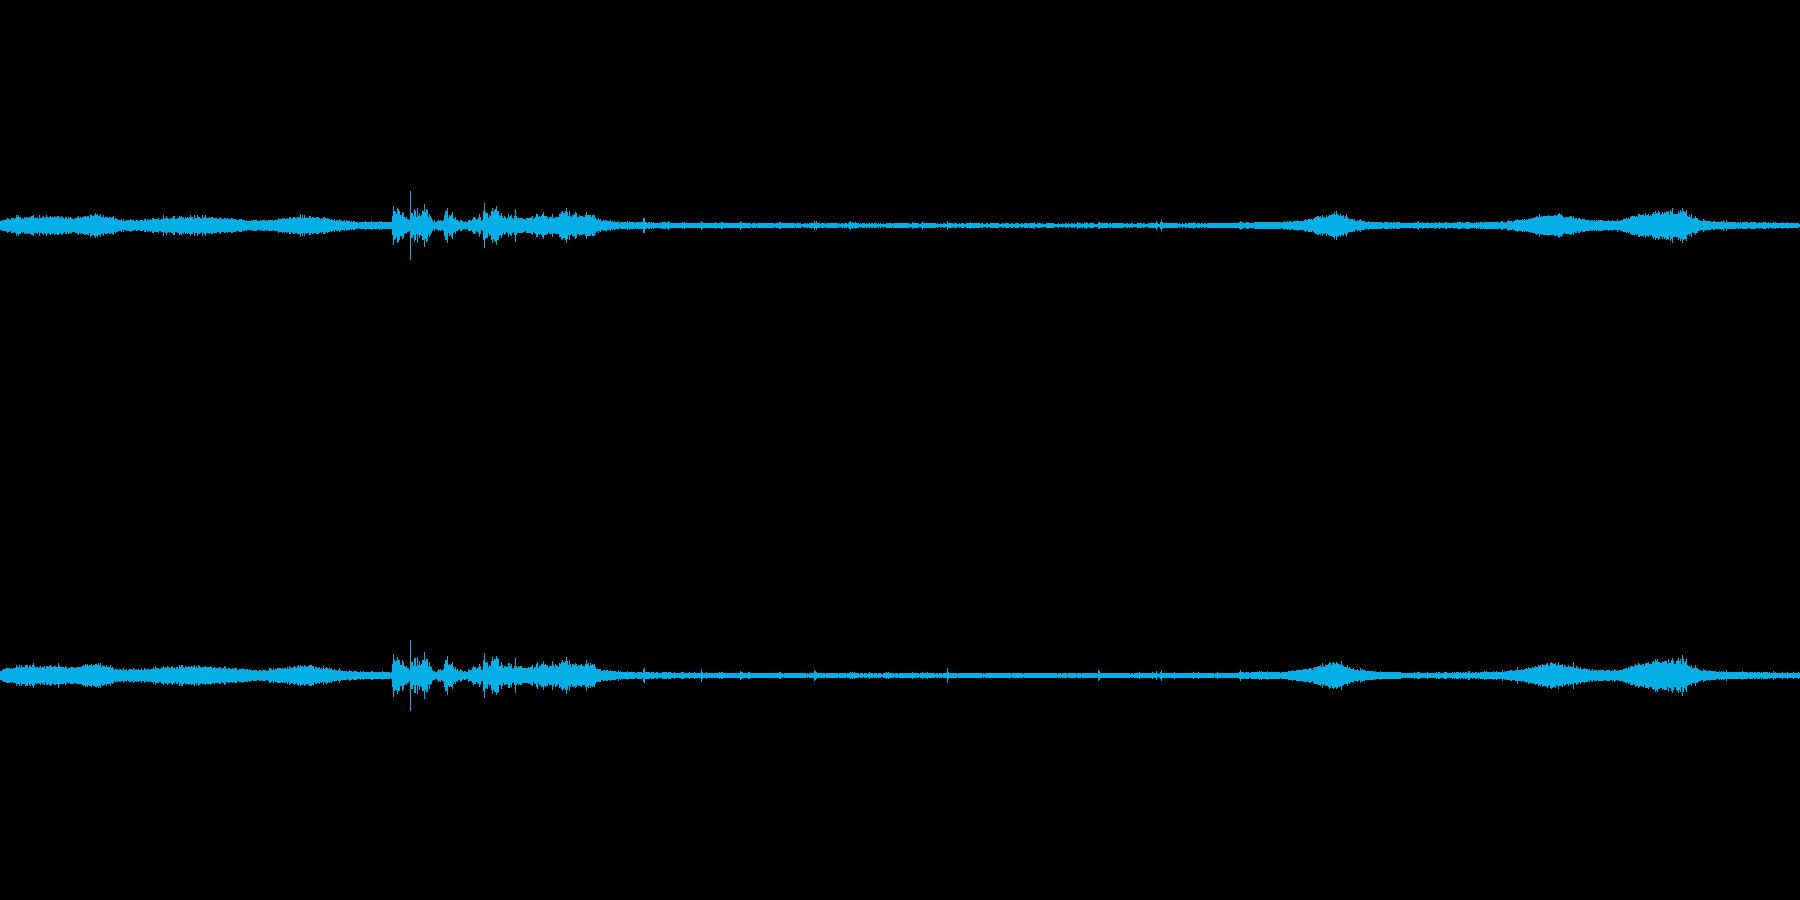 【生音】雷雨45 - 雨と雷と通行音 …の再生済みの波形